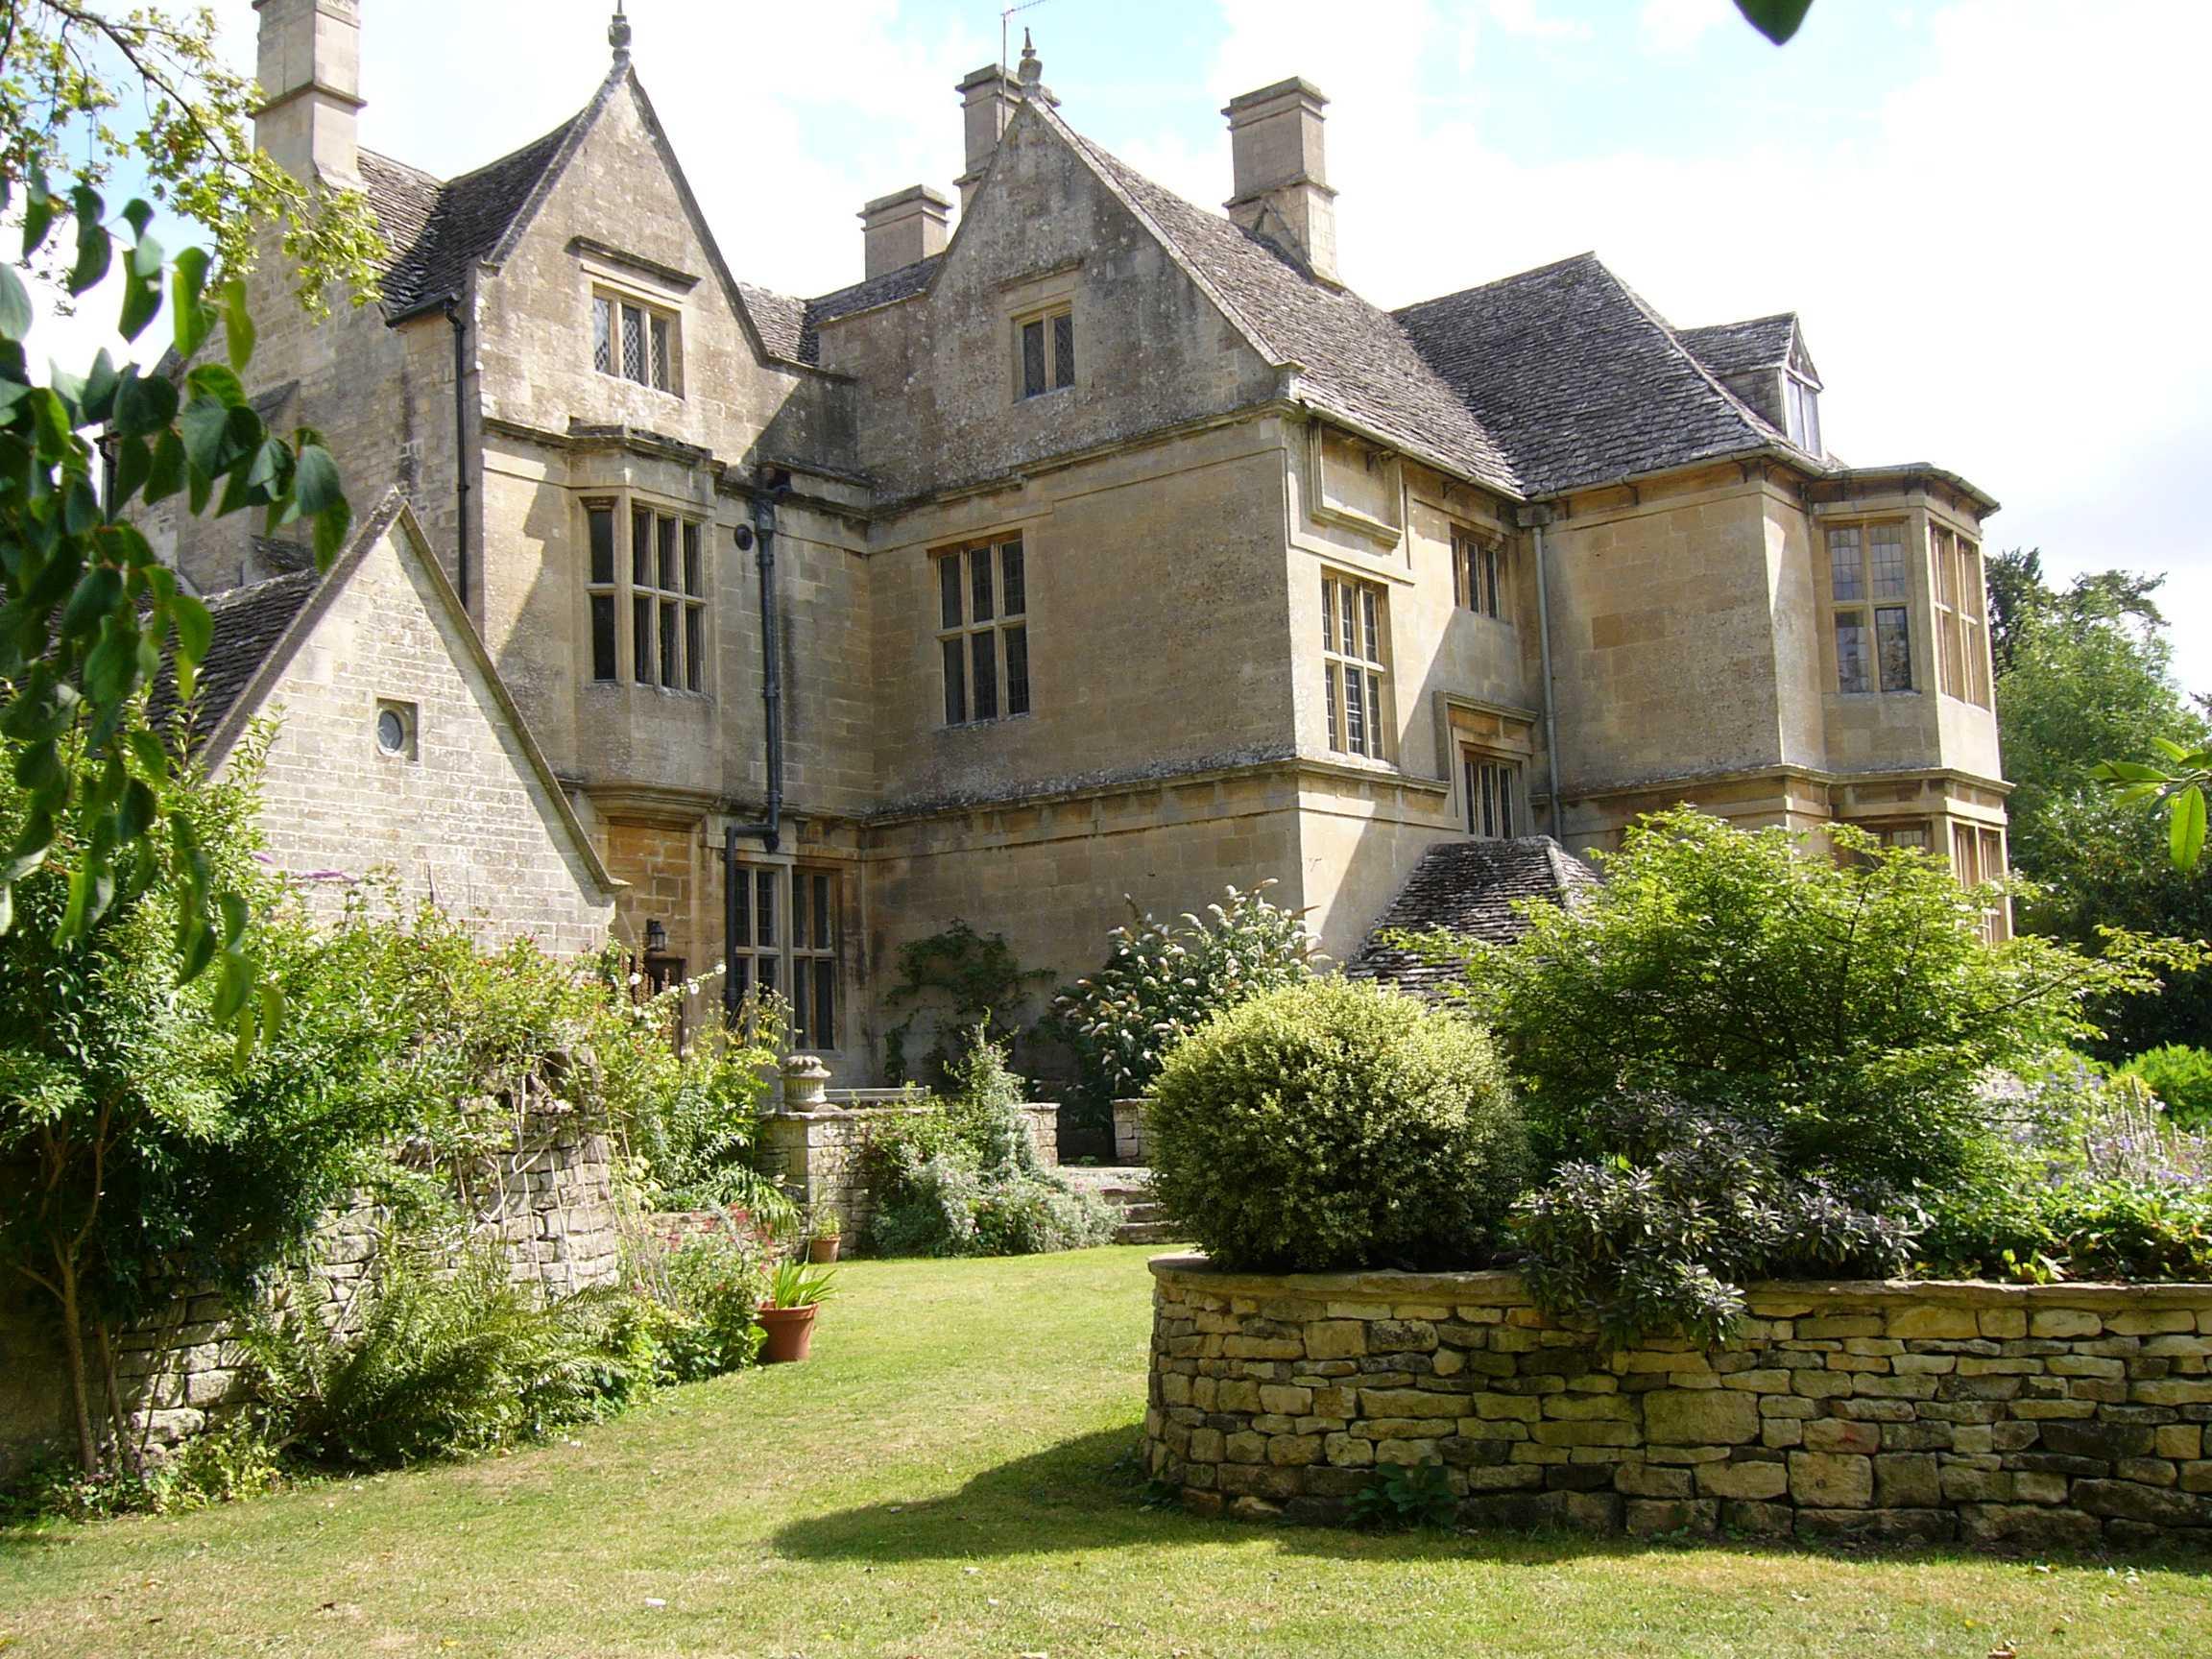 Whittington Court, Gloucestershire, England